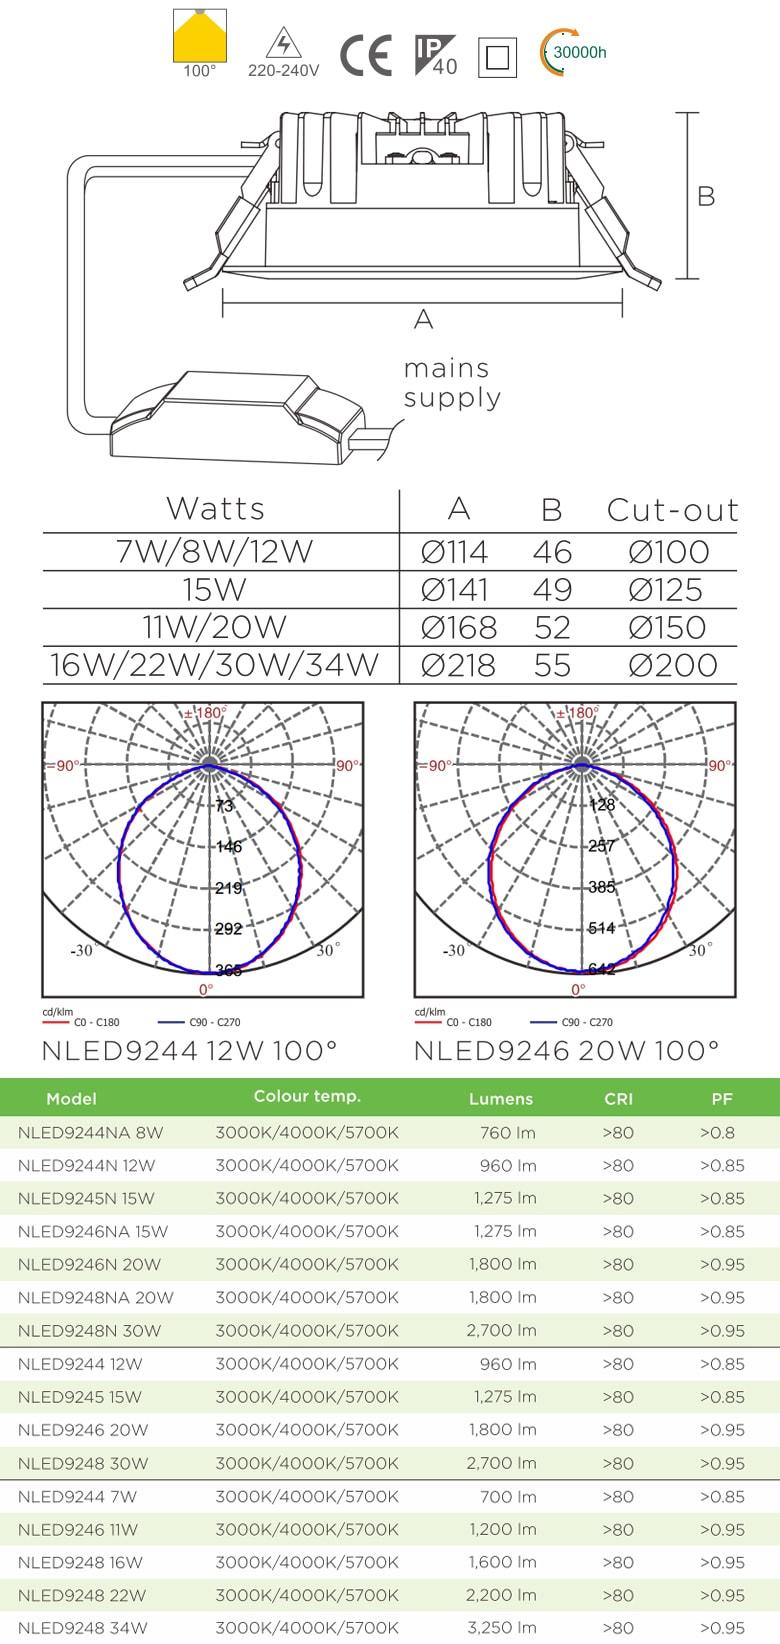 NLED9244 NLED9245 NLED9246 NLED9248 - Đèn downlight LED âm trần mặt lõm, kính mờ chống chói, đế tản nhiệt bằng hợp kim nhôm đúc cao cấp, chấn lưu rời